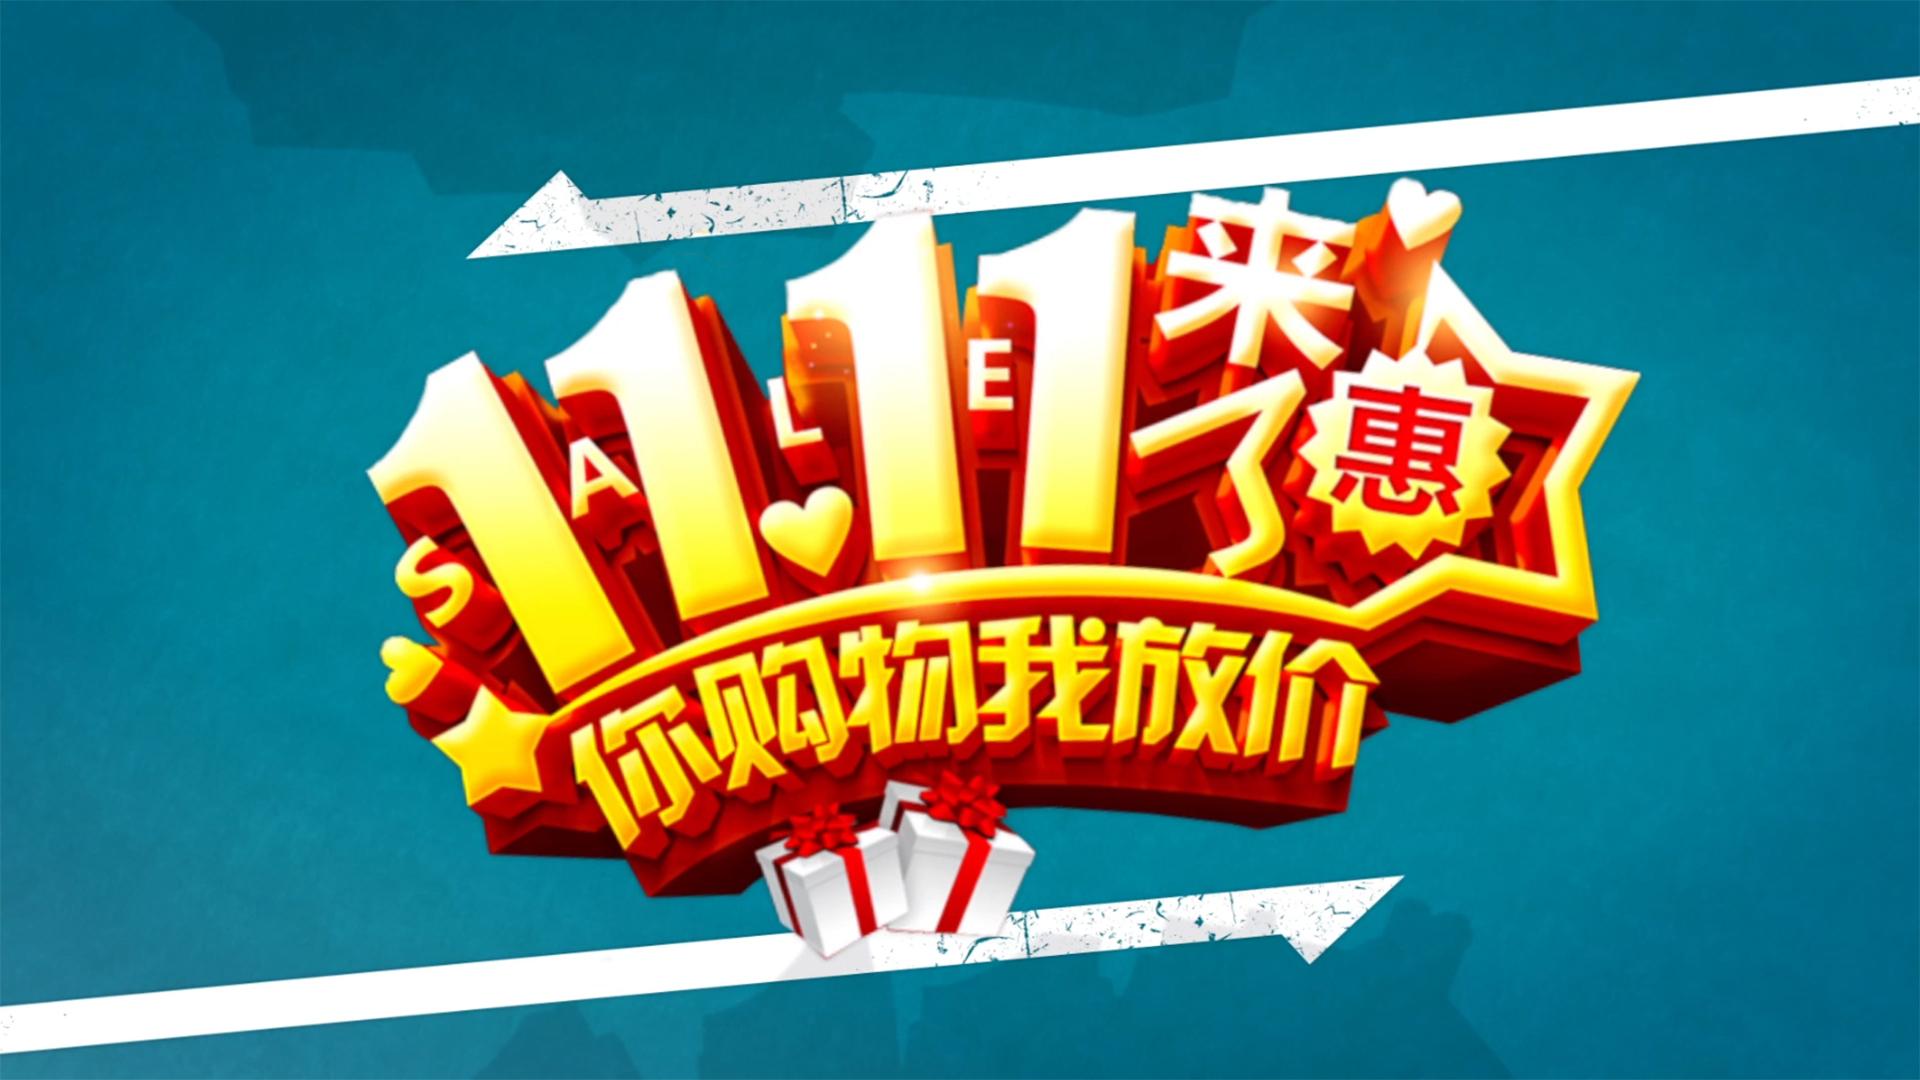 双11狂欢购物节广告促销图文动画AE模板